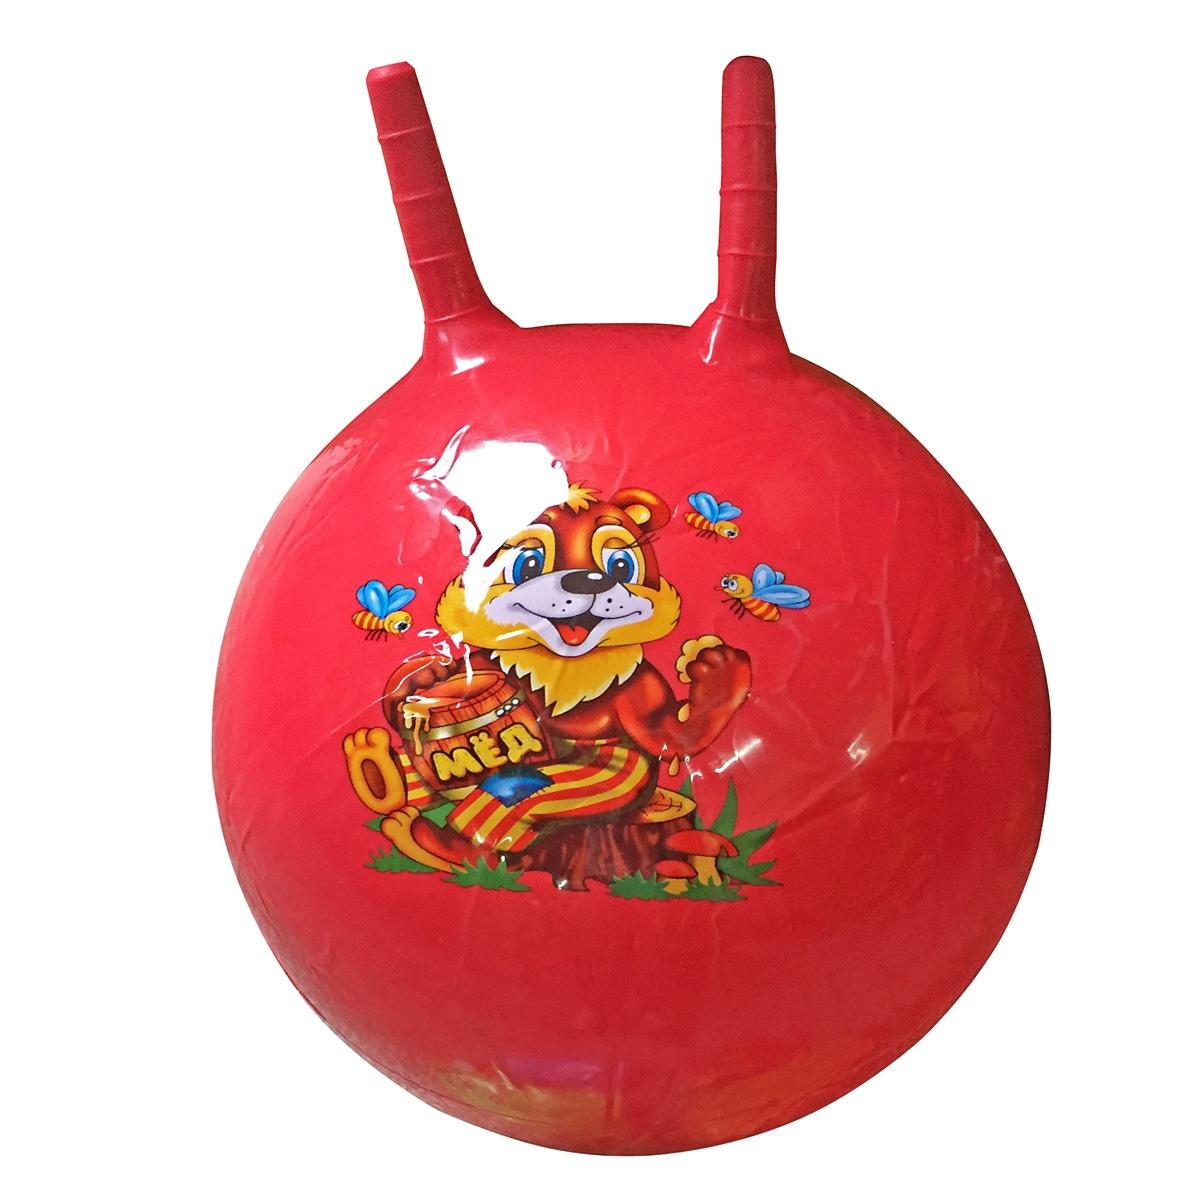 Мячи Veld Co 48275 мячи veld co мяч прыгун перламутровый 55 см